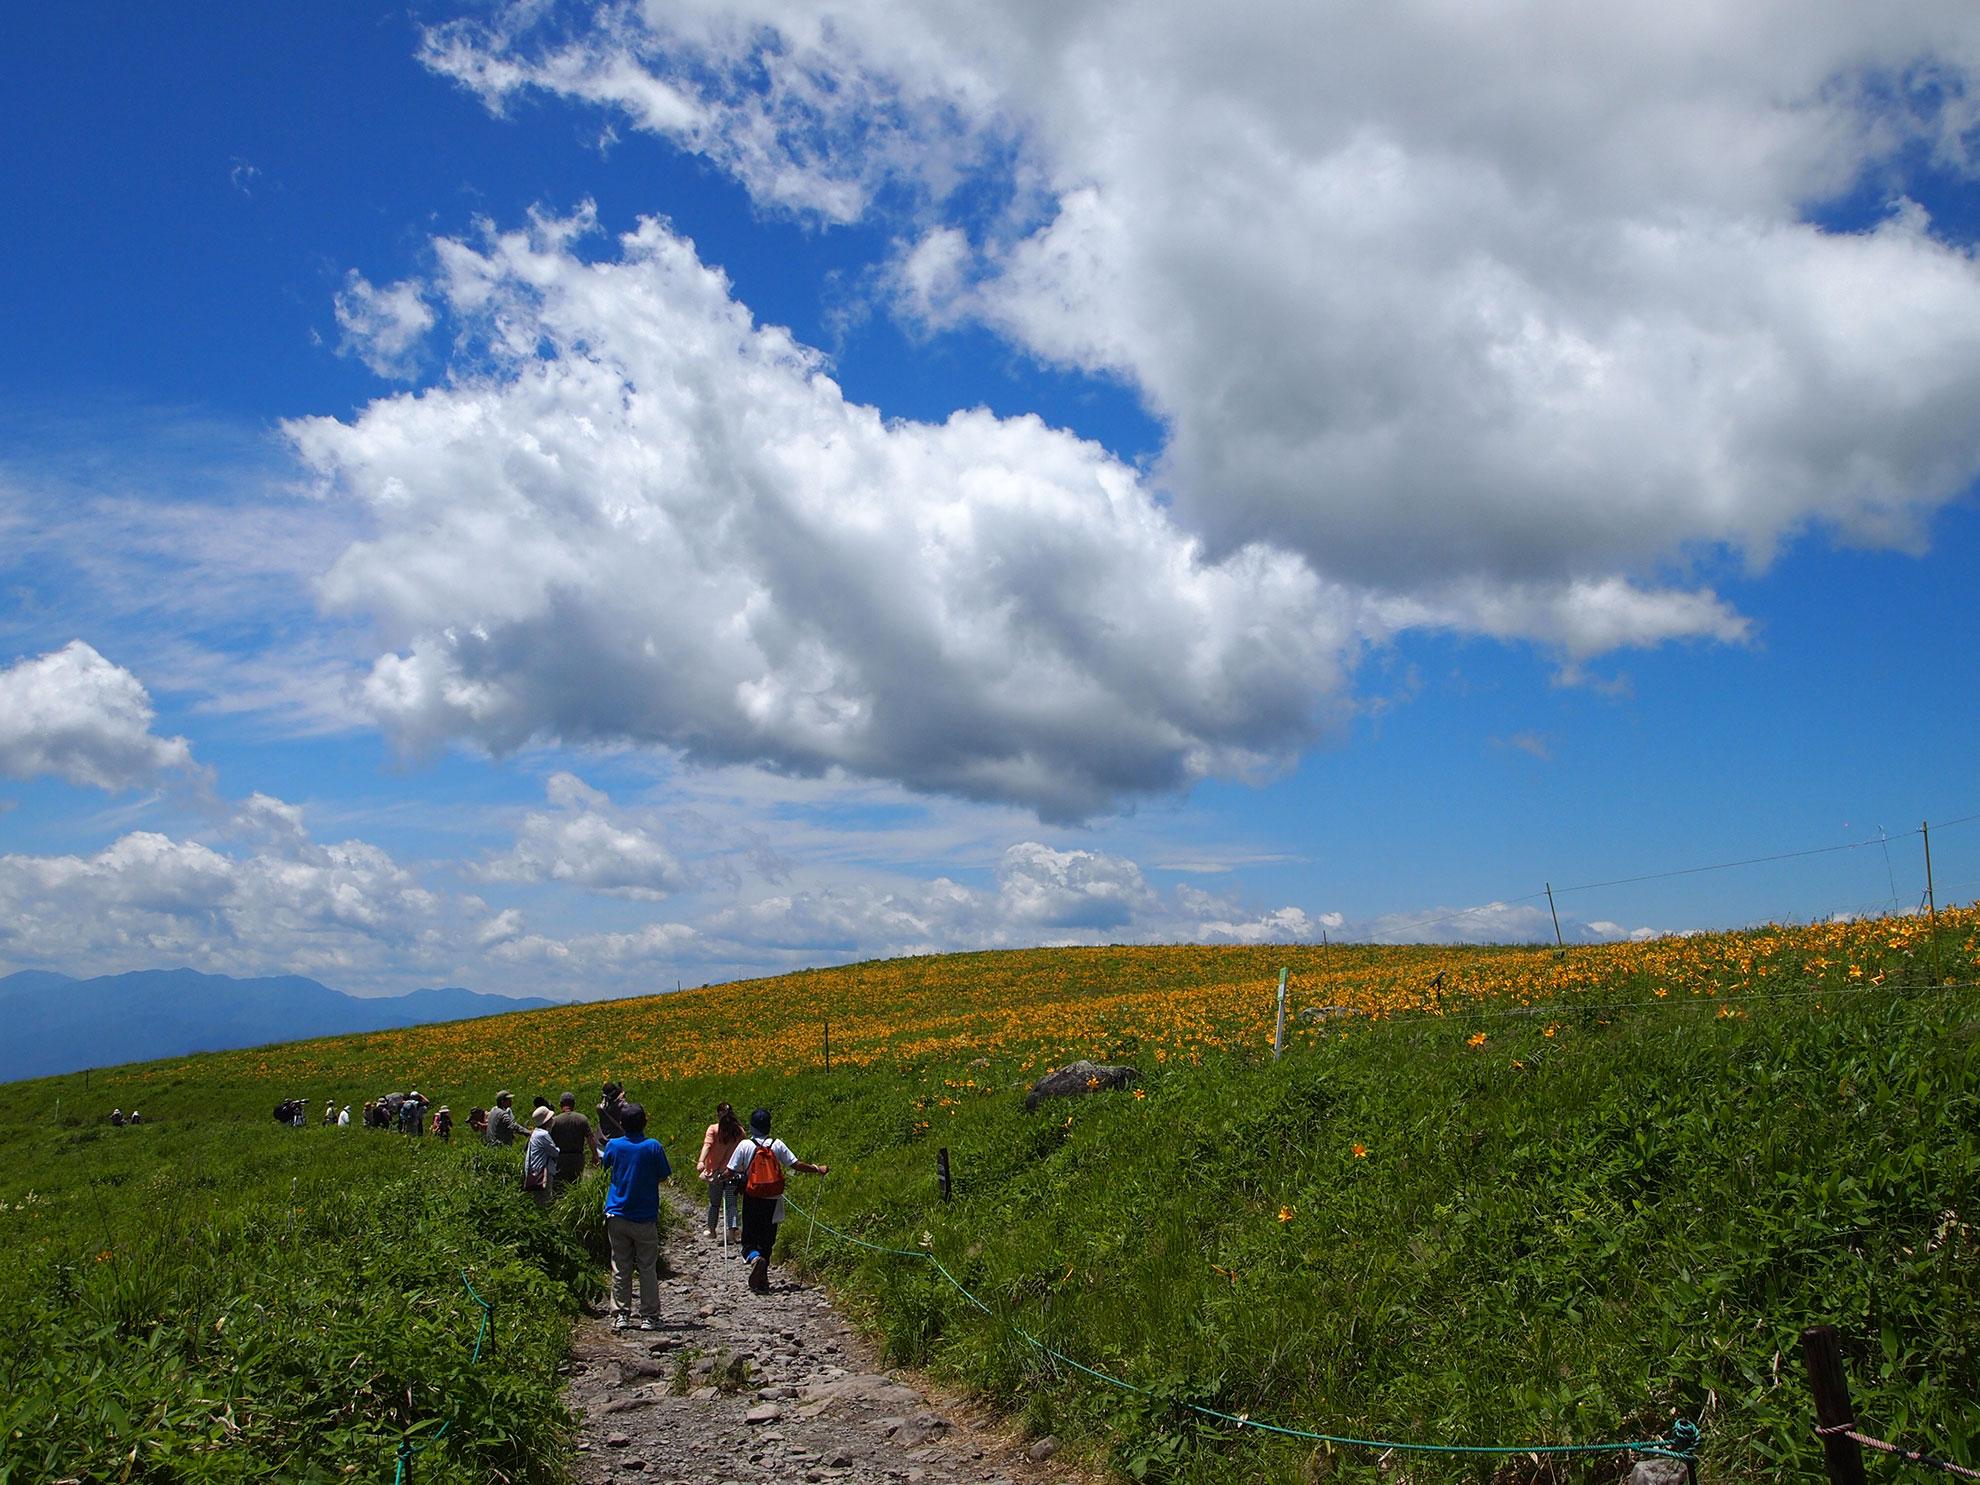 霧ヶ峰高原を代表するニッコウキスゲ